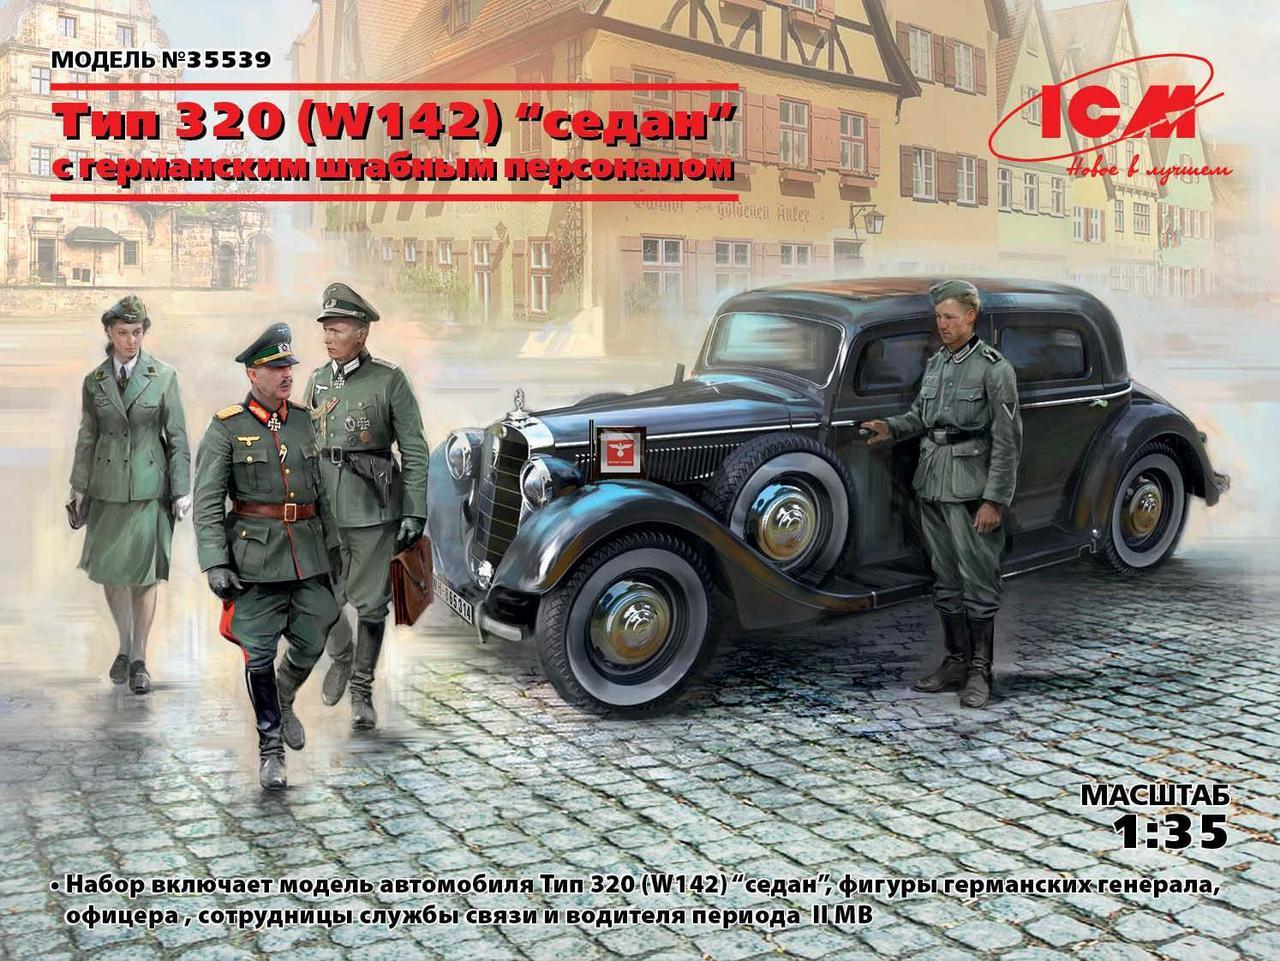 Тип 320 (W142) седан с немецким штабным персоналом. 1/35 ICM 35539